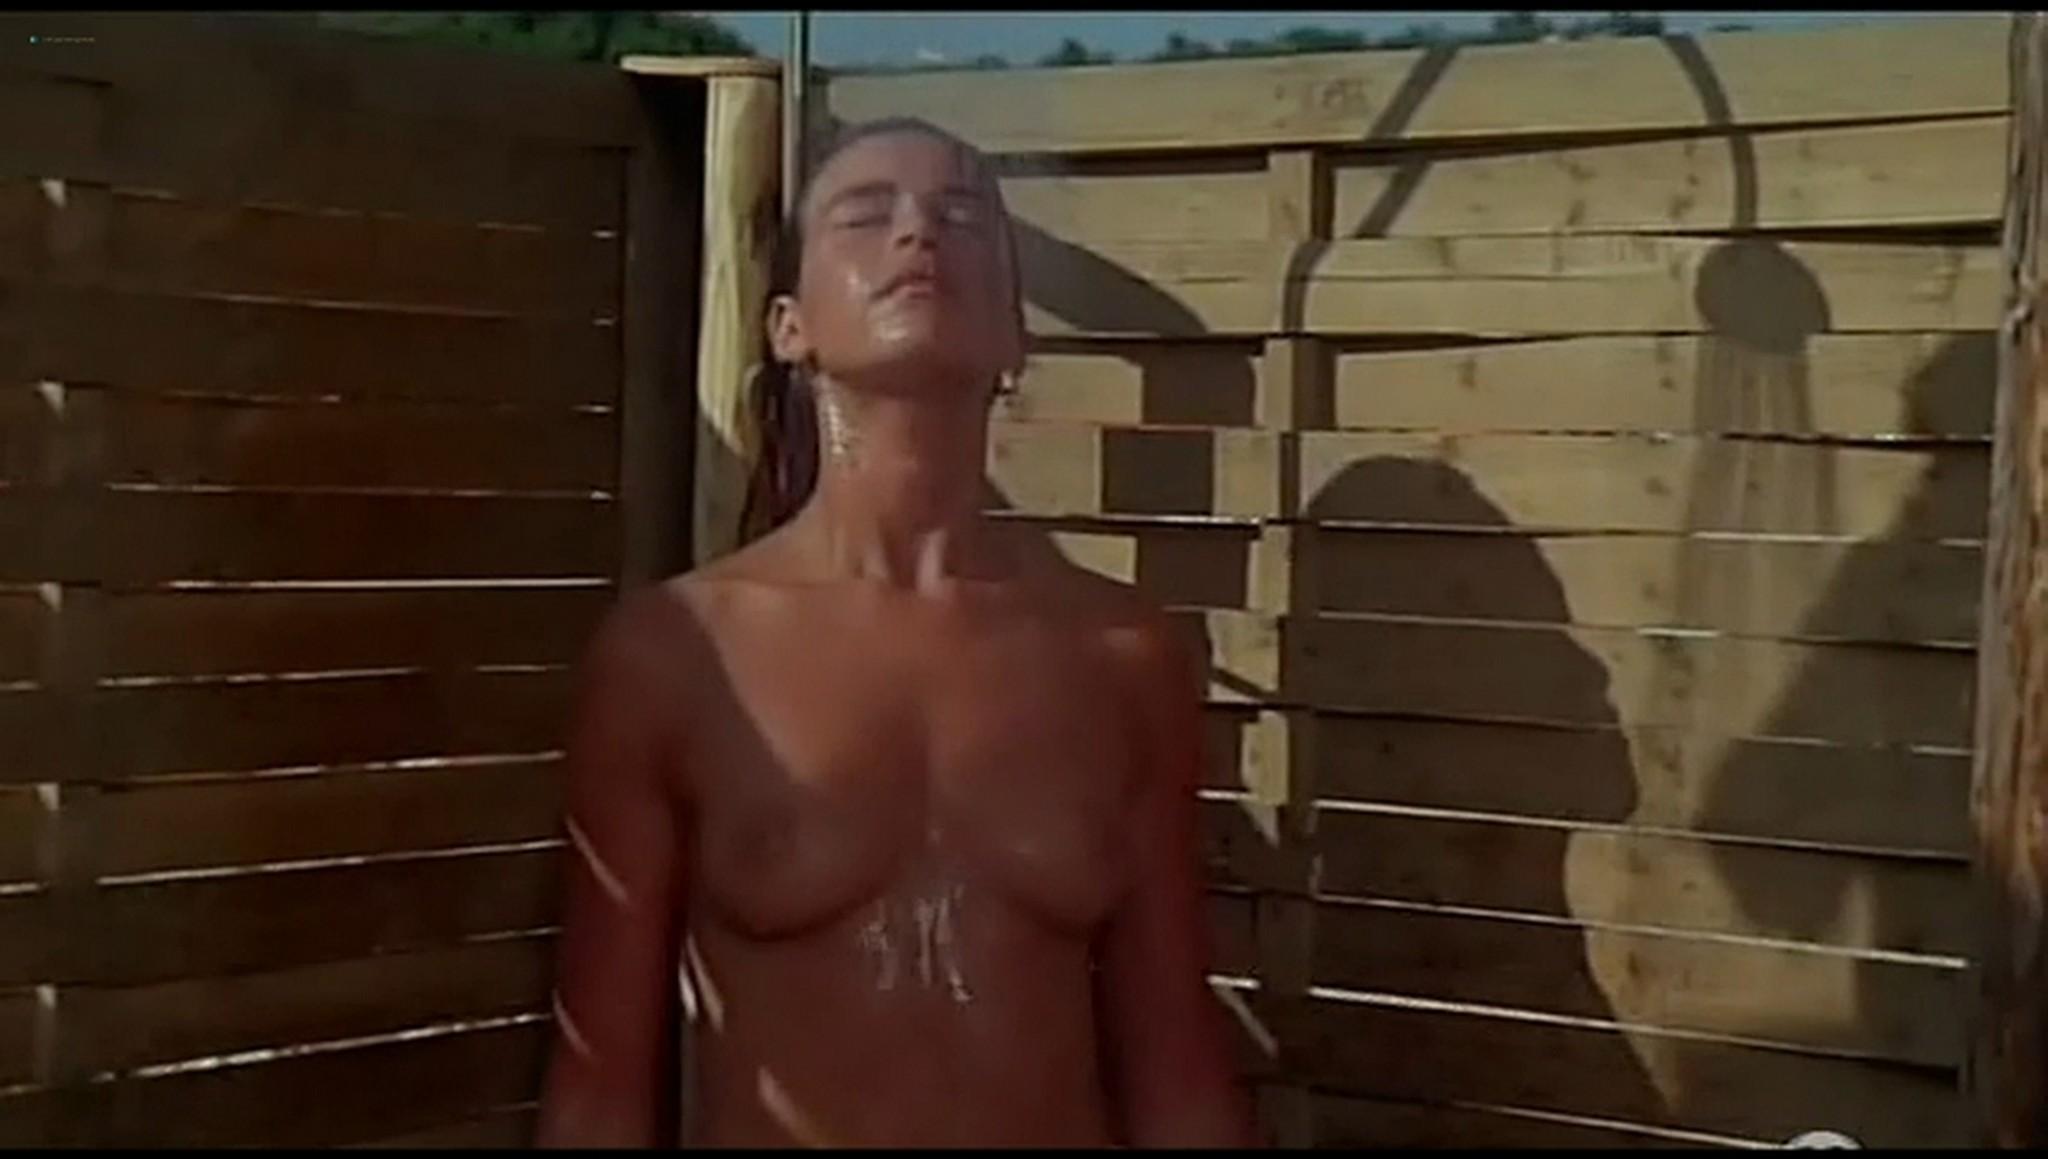 Valerie Kaprisky nude full frontal Caroline Cellier and others nude L annee des meduses 1984 13